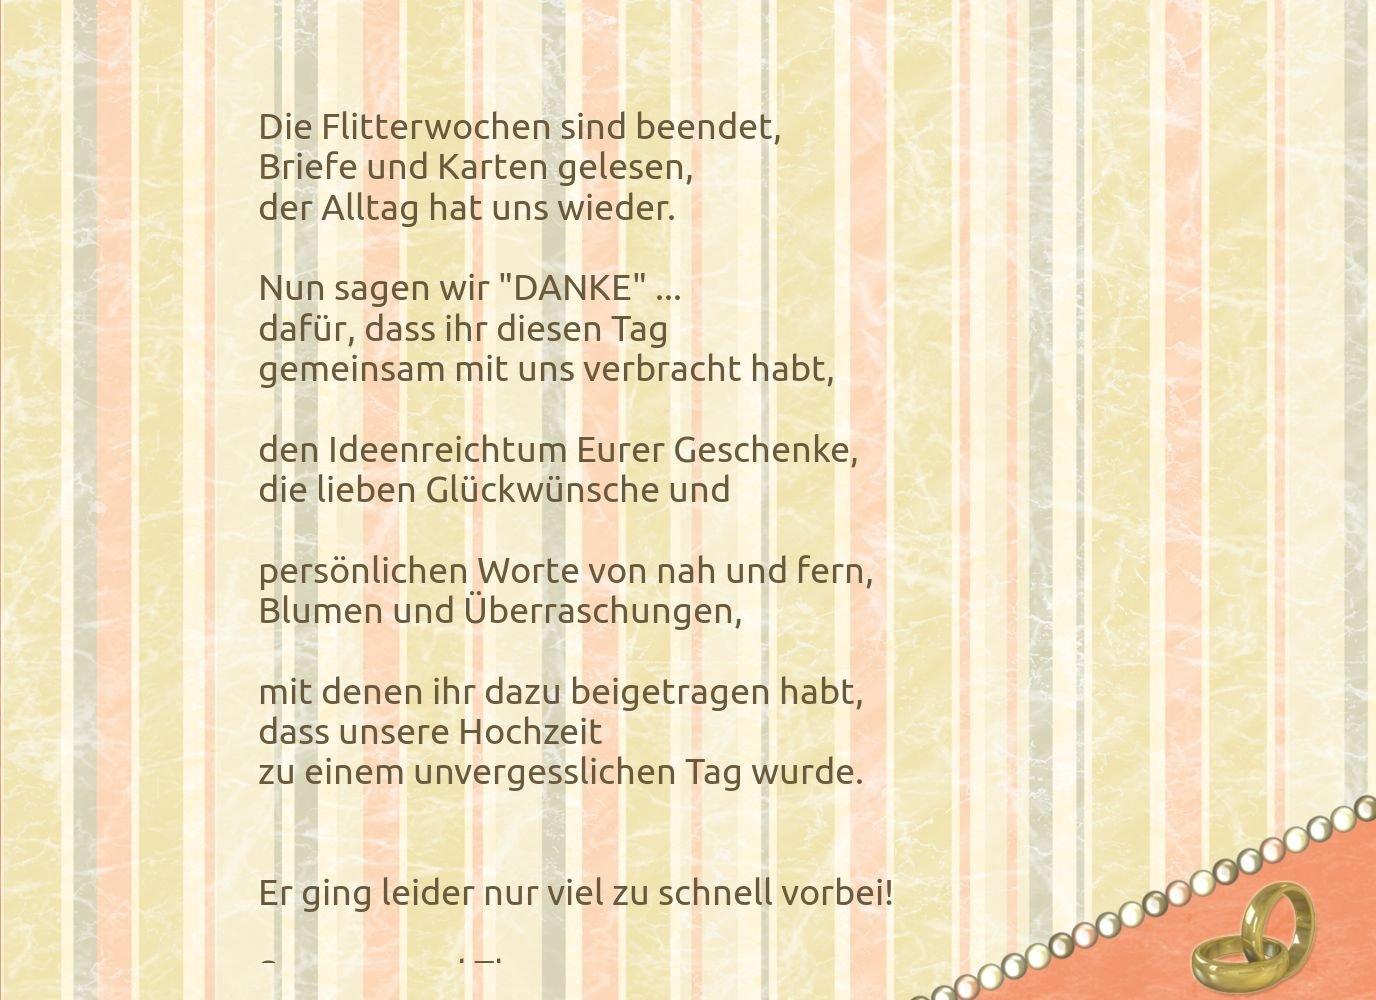 Kartenparadies Danksagung für Hochzeitsgeschenke Hochzeitsgeschenke Hochzeitsgeschenke Hochzeit Dankeskarte Bund für's Leben, hochwertige Danksagungskarte Hochzeitsglückwünsche inklusive Umschläge   20 Karten - (Format  148x105 mm) Farbe  LilaFlieder B01NBX1LUB | Qual e7beb7